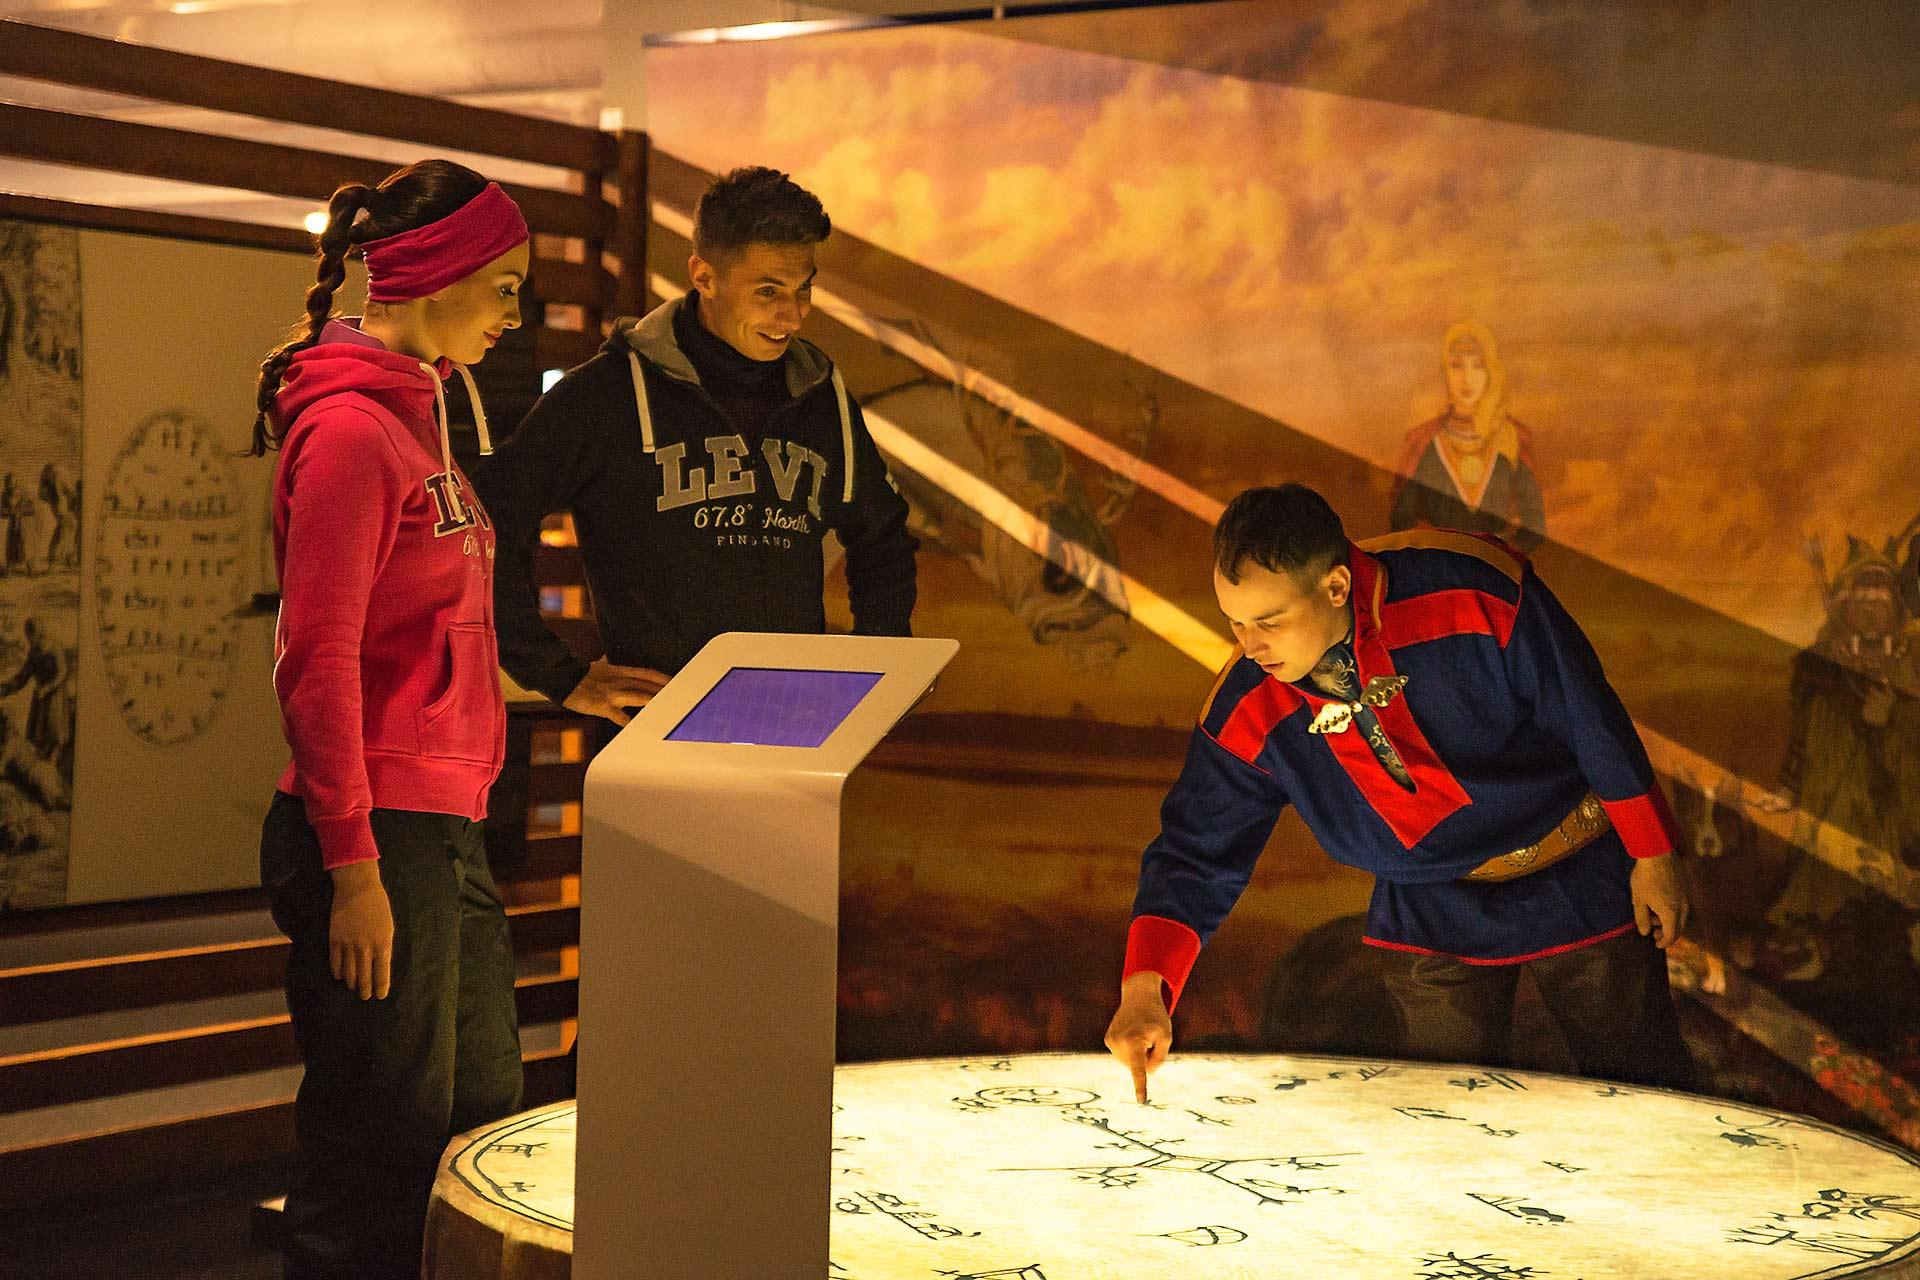 Samiland näyttely kertoo saamelaiskulttuurista, näyttely sijaitsee Tapahtumakeskus Levi Summitissa.